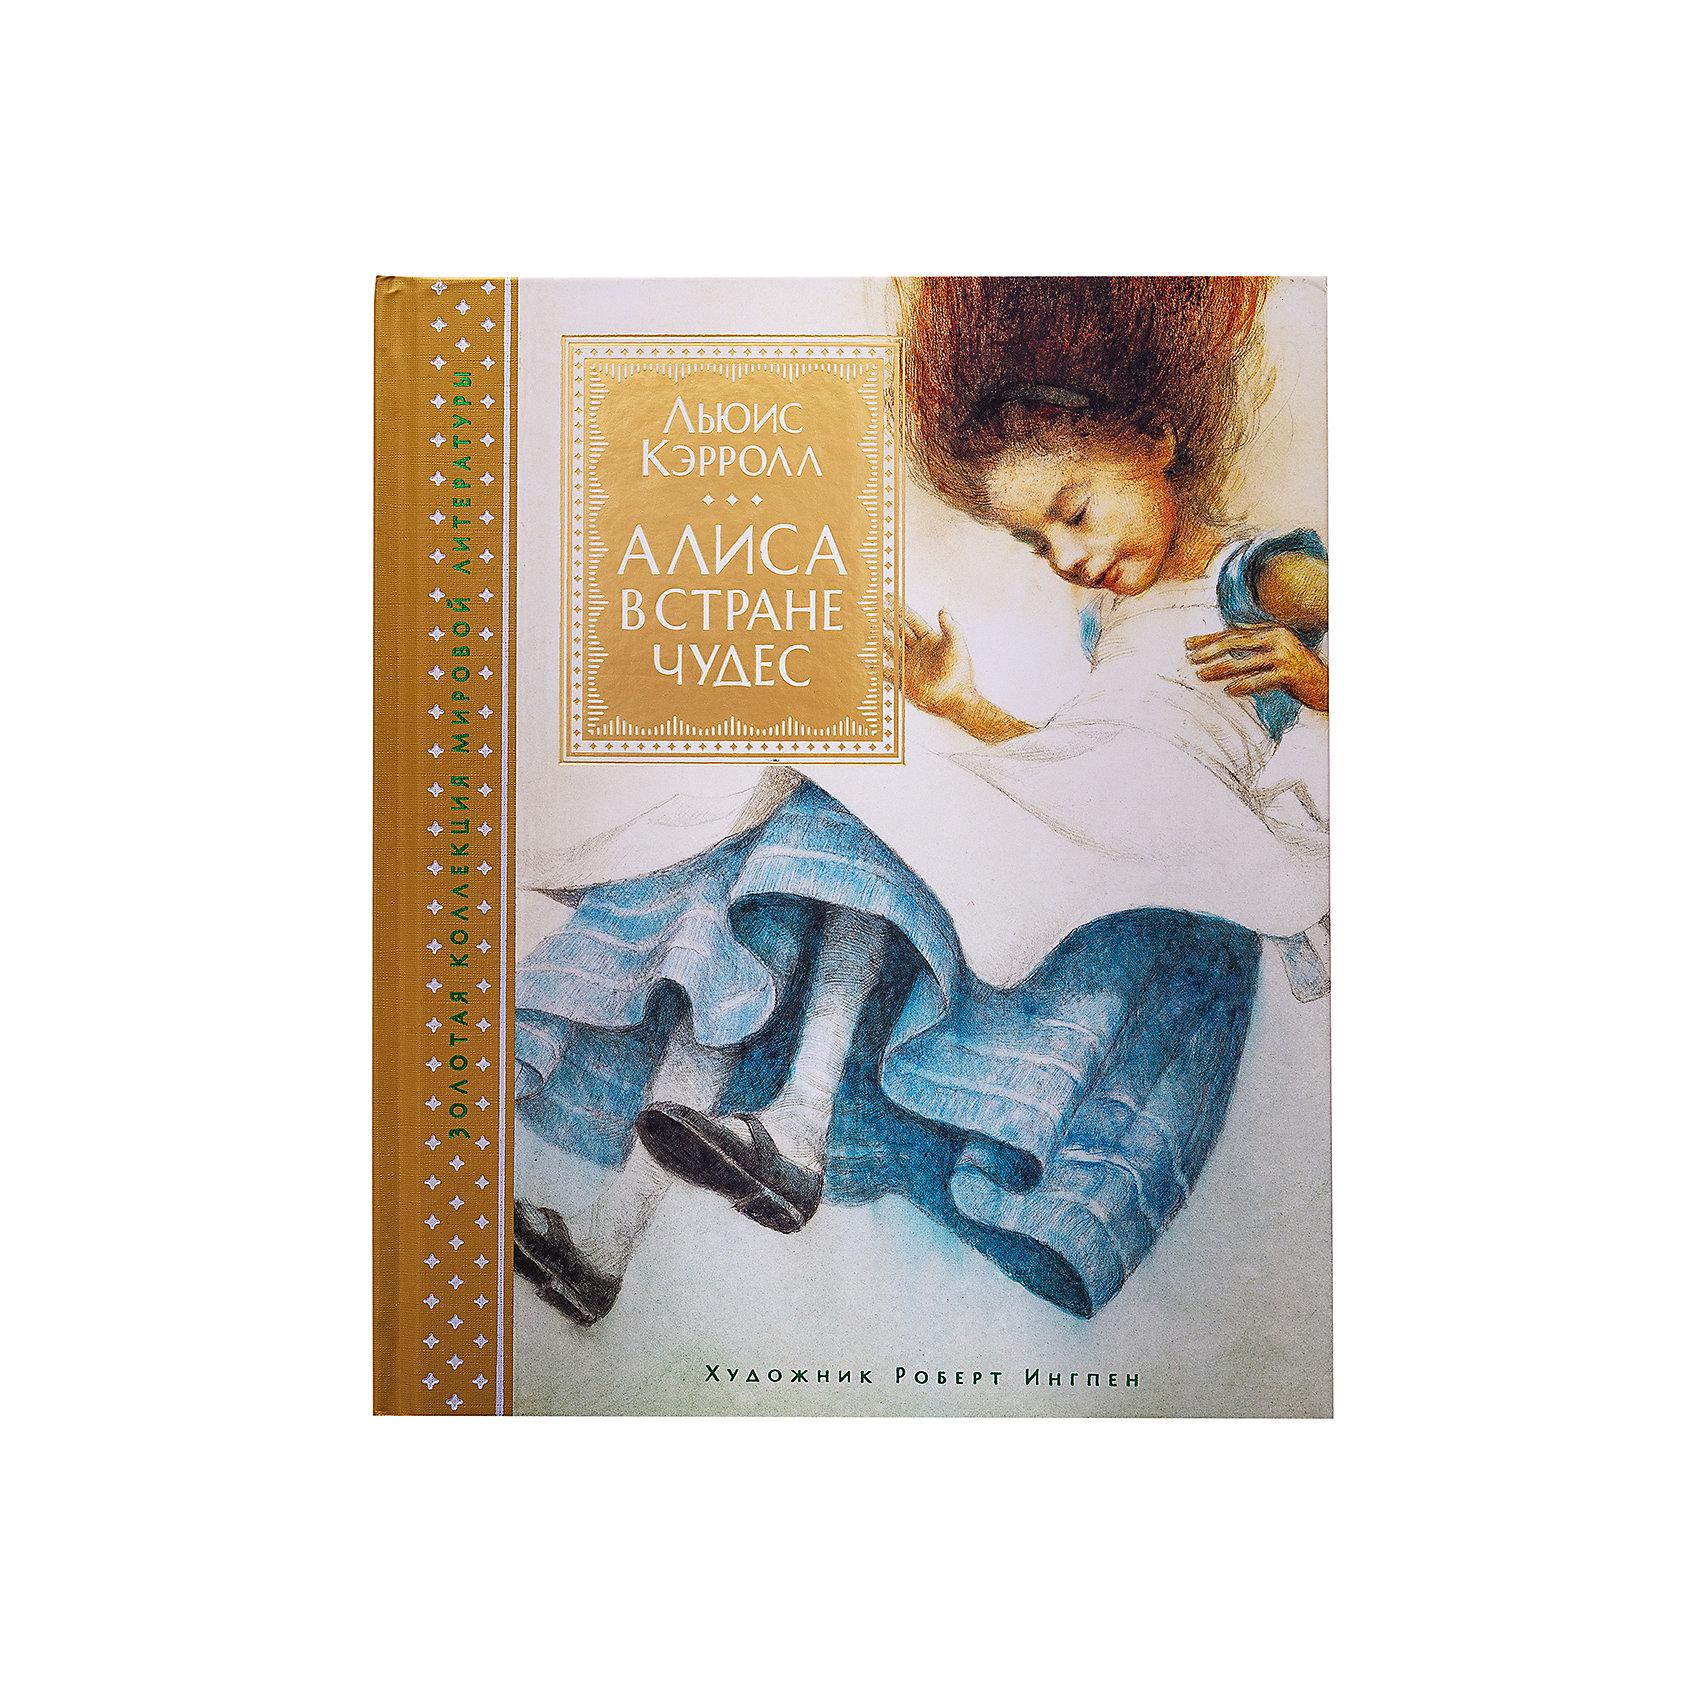 Алиса в Стране чудес, Л. Кэрролл (ил. Р. Ингпен)Кэррол Л.<br>Прошло почти полтора века со времени первой публикации этой знаменитой книги, а она до сих пор завоёвывает сердца детей и взрослых всех стран. Перед вами новое уникальное издание, главными достоинствами которого являются полный, несокращённый текст и более 70 прекрасных иллюстраций именитого австралийского художника Роберта Ингпена, награжденного за свои великолепные иллюстрации самой престижной наградой в области детской литературы - медалью имени Андерсена.<br><br>Ширина мм: 235<br>Глубина мм: 195<br>Высота мм: 16<br>Вес г: 633<br>Возраст от месяцев: 132<br>Возраст до месяцев: 168<br>Пол: Мужской<br>Возраст: Детский<br>SKU: 4818097